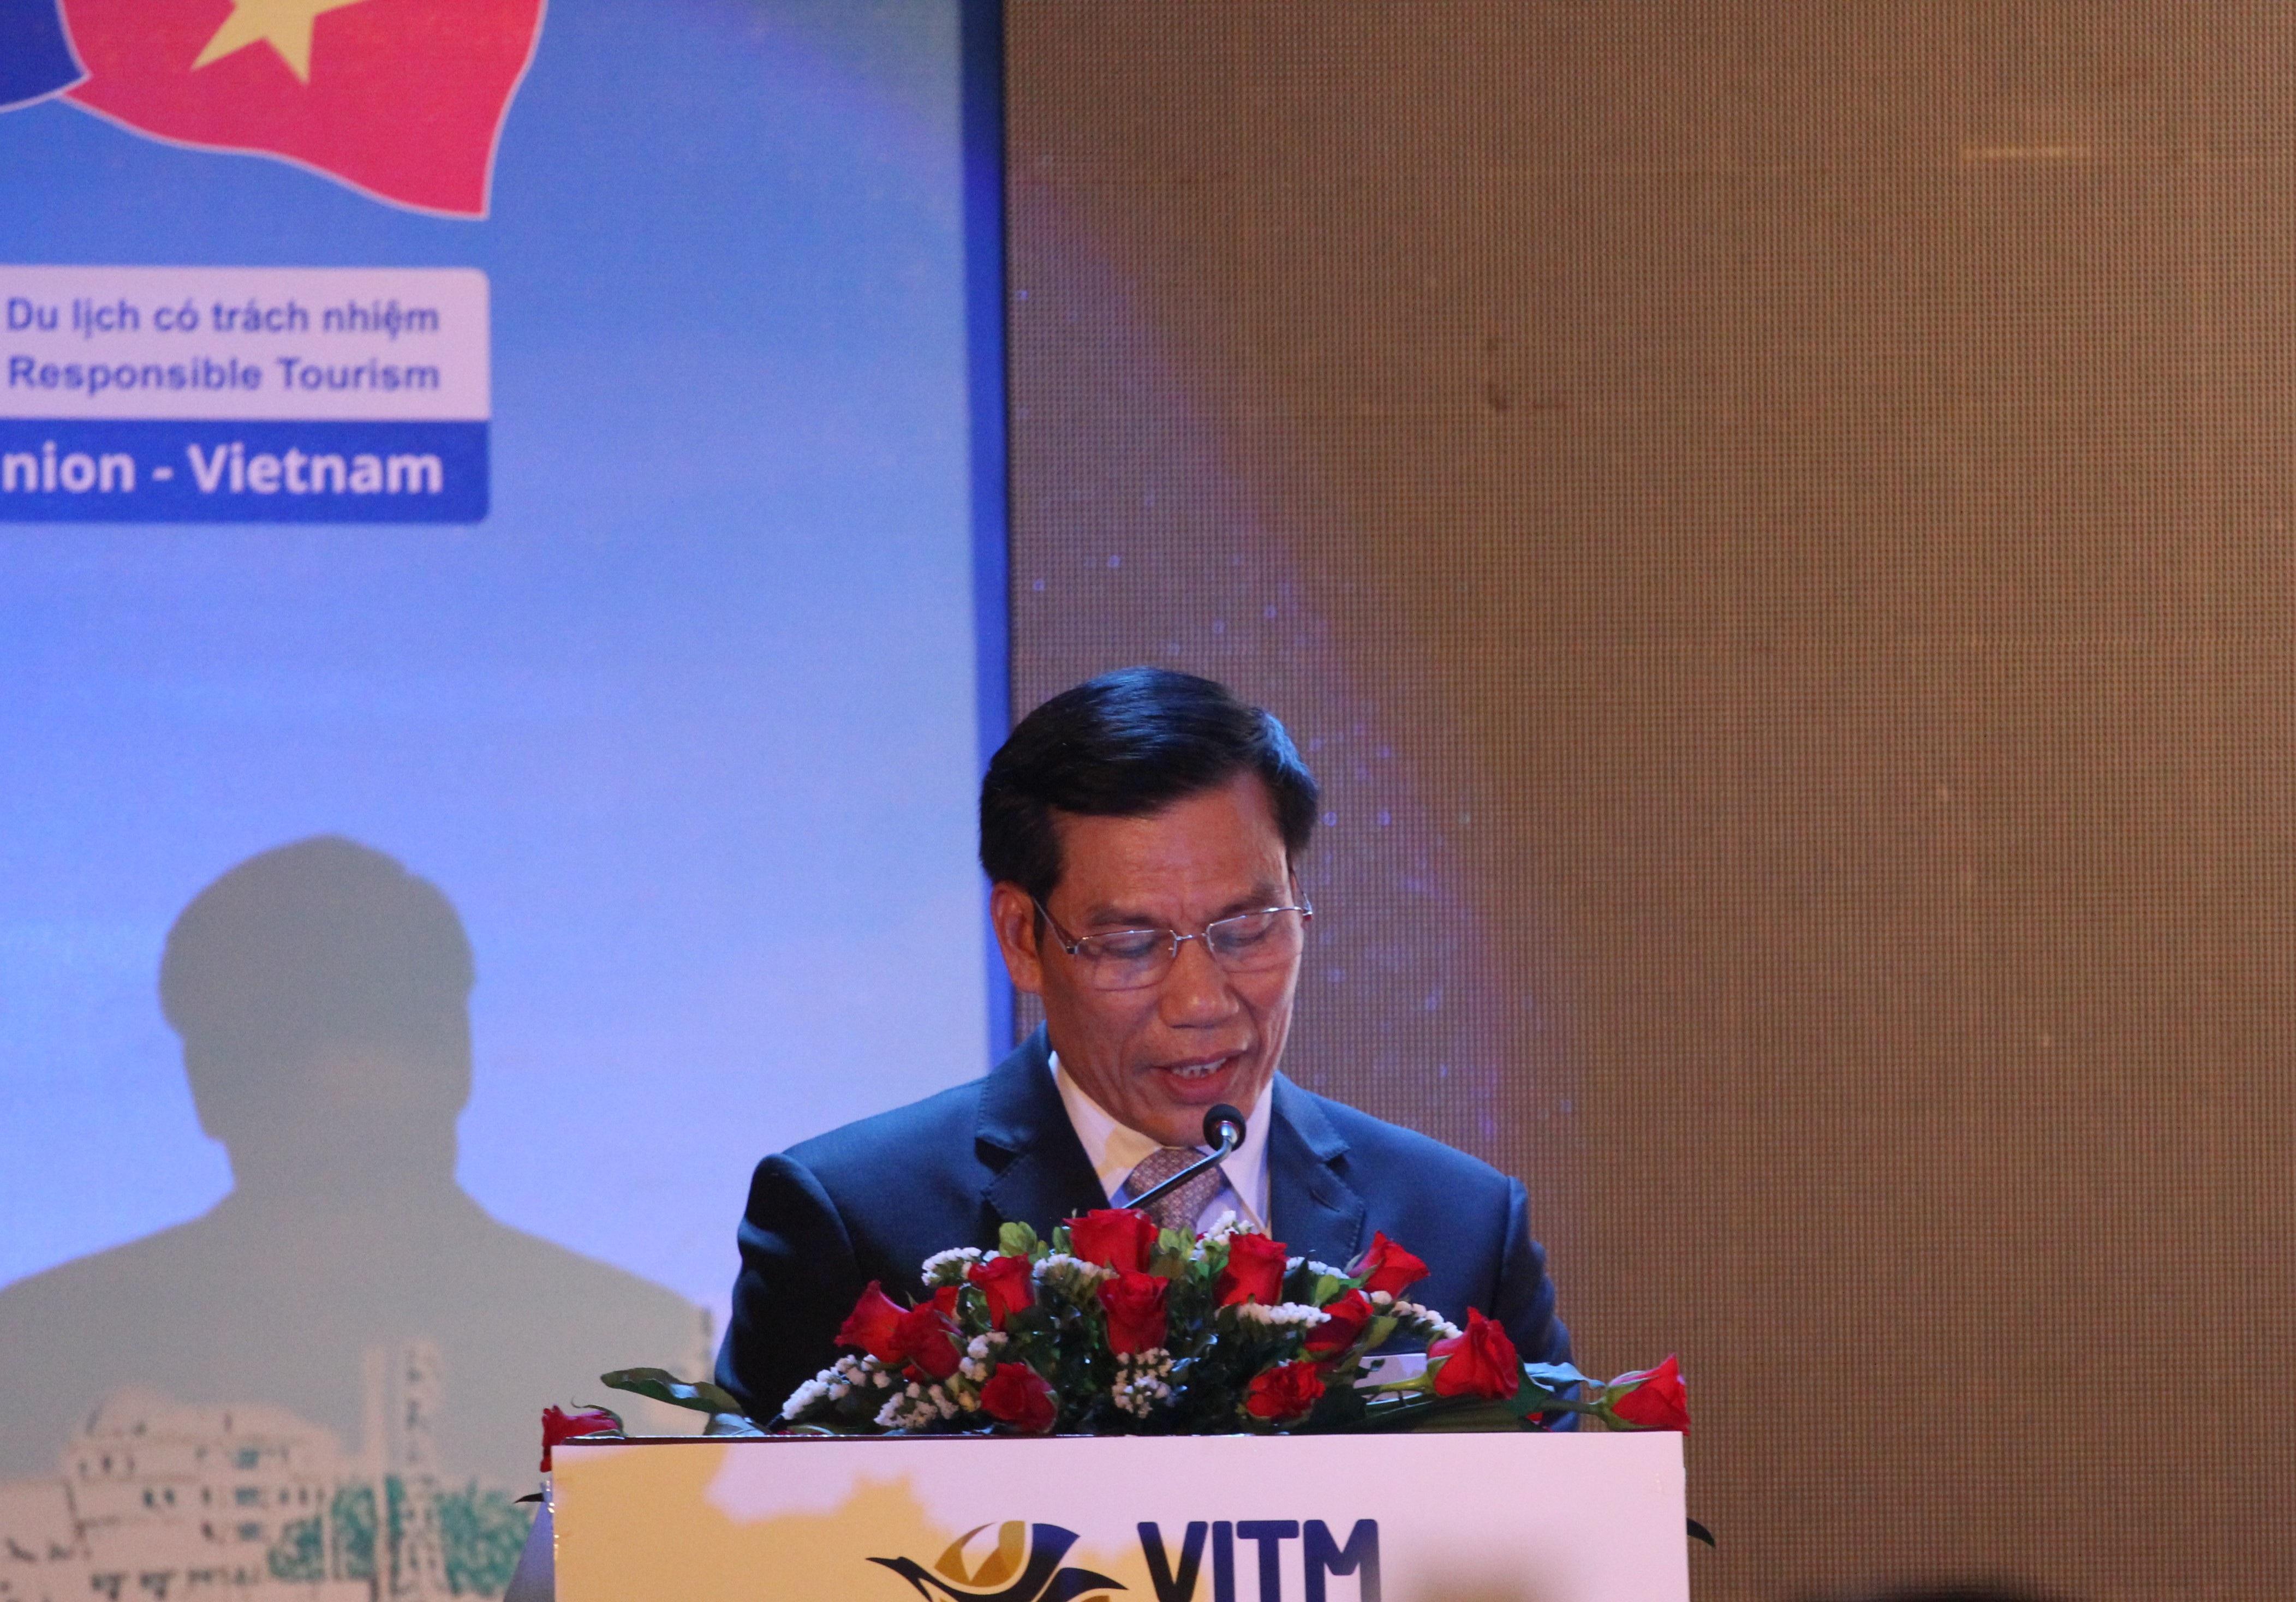 Tân Bộ trưởng Nguyễn Ngọc Thiện phát biểu khai mạc VITM Hà Nội 2016. Ảnh: Hữu Thắng.